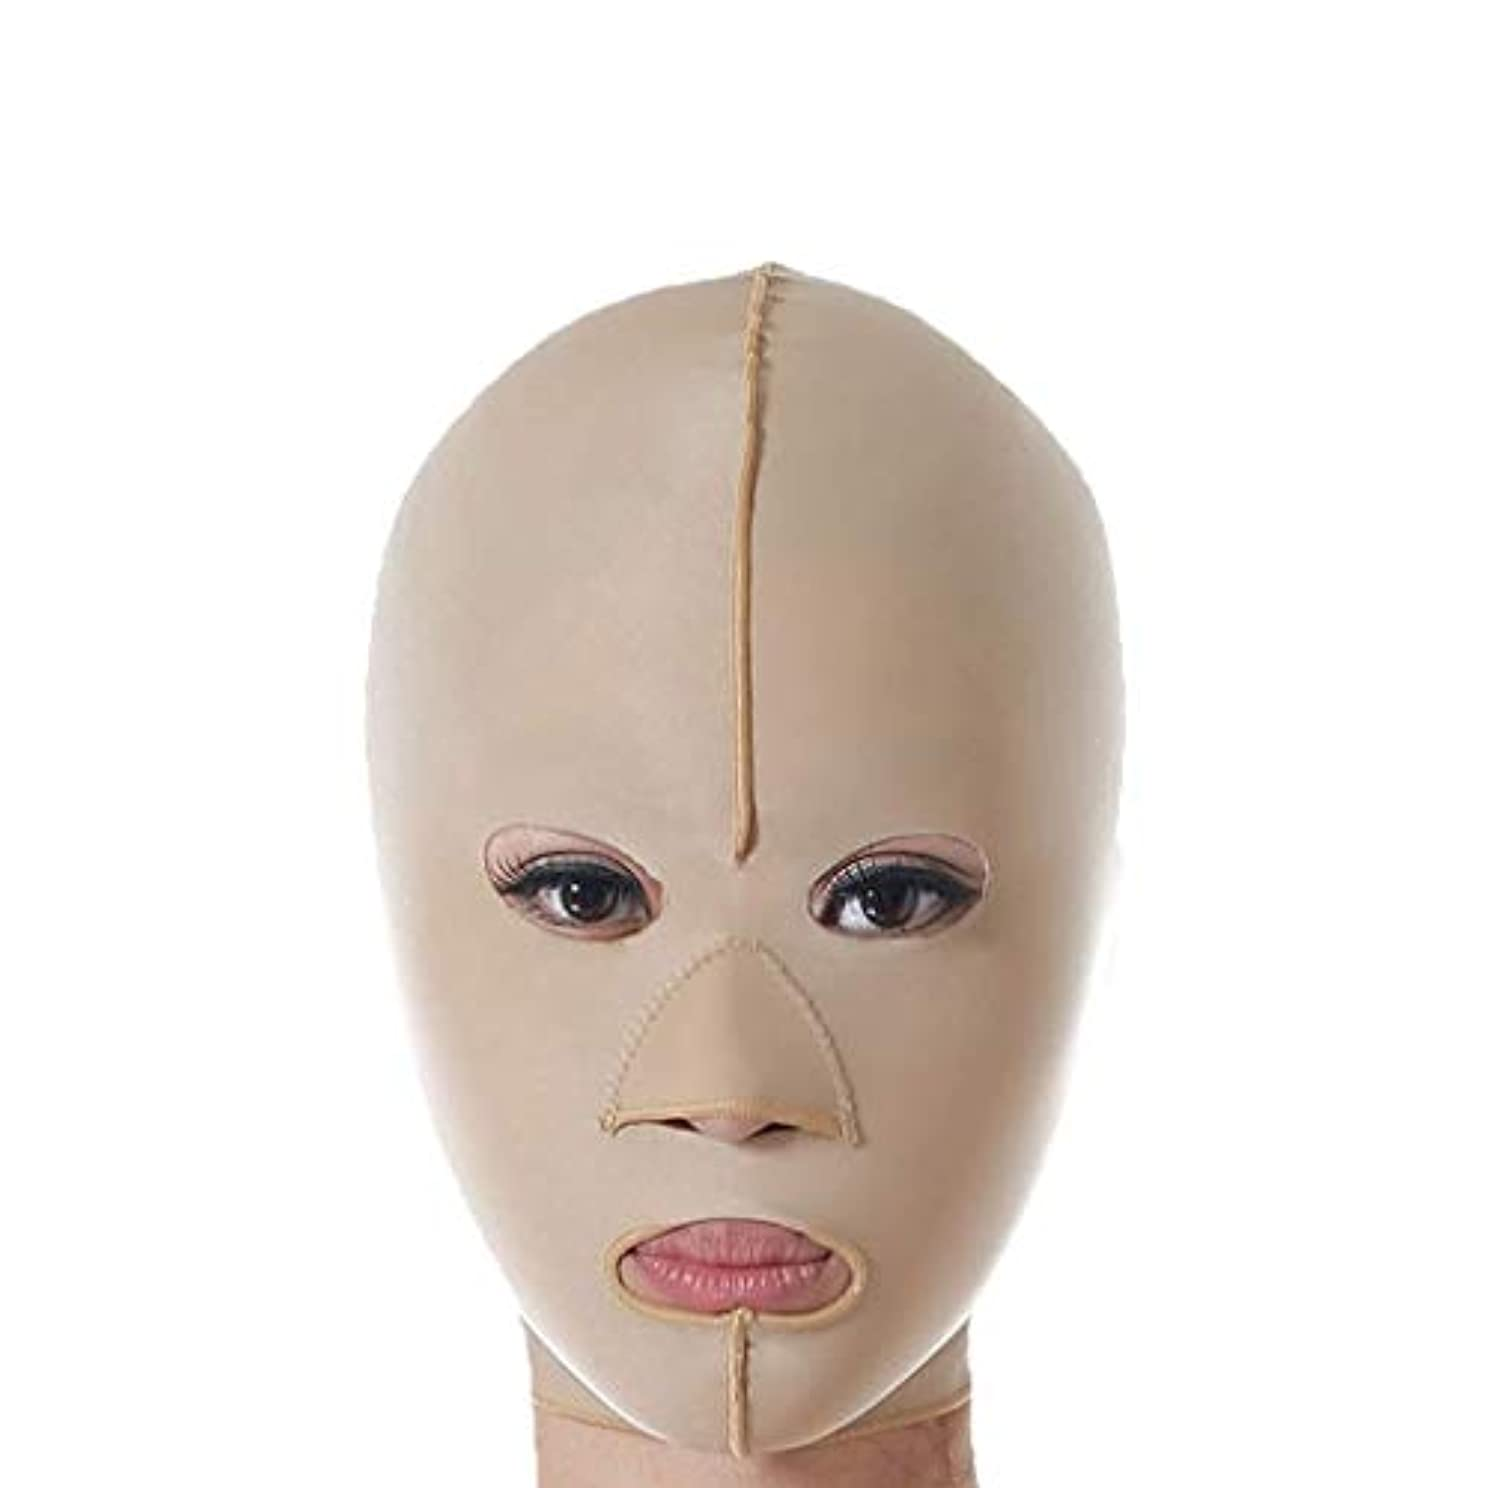 成熟変化する勇気減量フェイスマスク、リフティング包帯、スリムフェイスリフトリフティングベルト、フェイシャル減量リフティング包帯、リフティングファーミング包帯(サイズ:XL),M